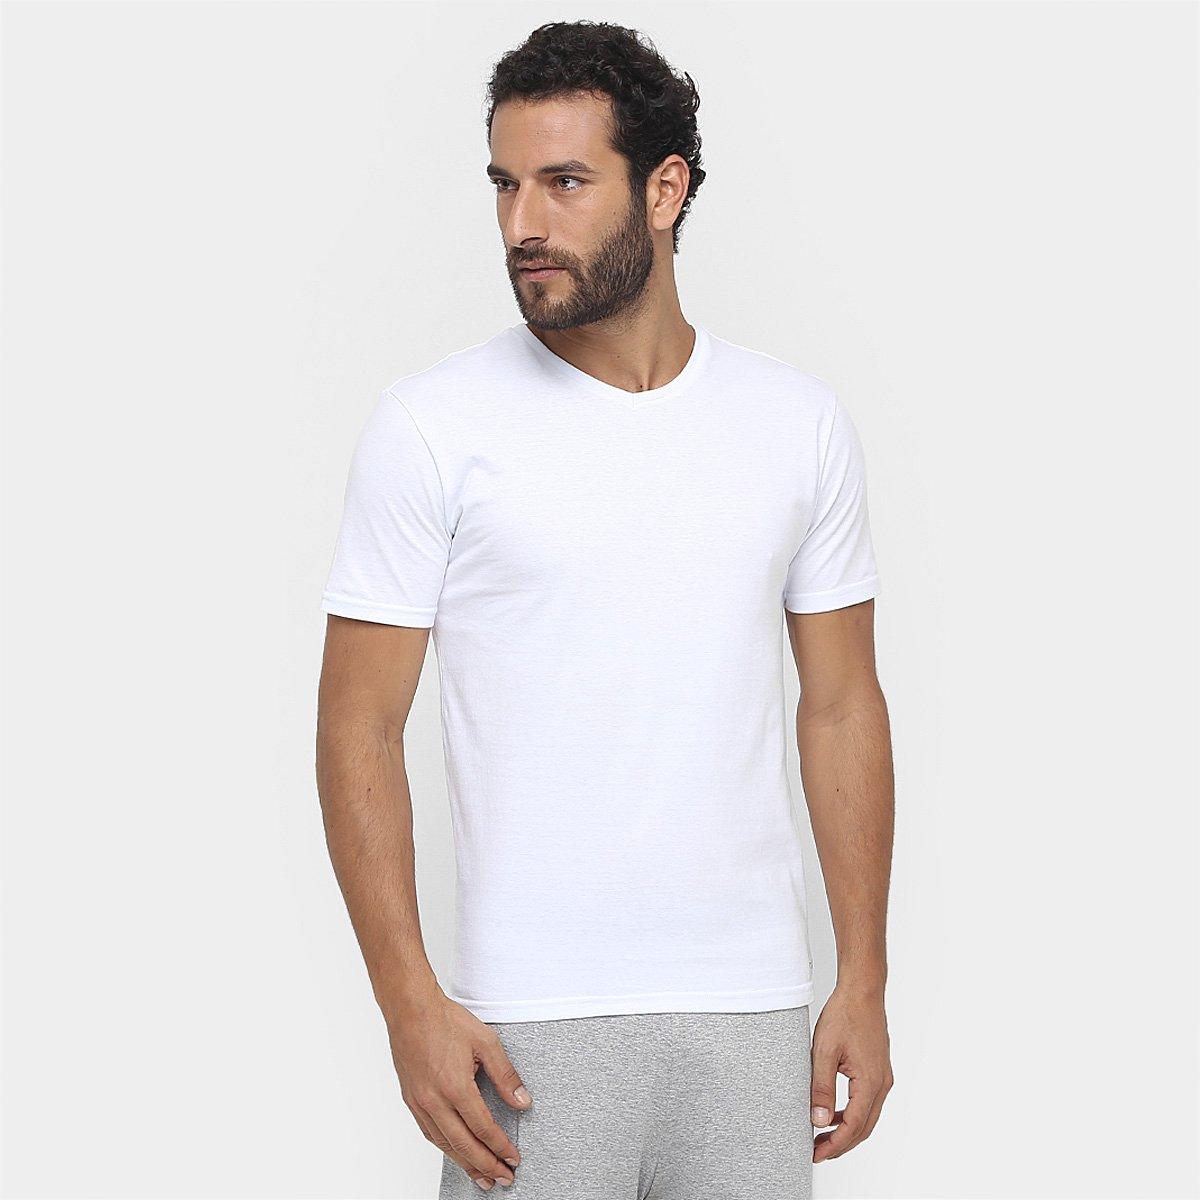 c05c5905e725d Camiseta Pijama Calvin Klein Gola V c  2 peças - Compre Agora